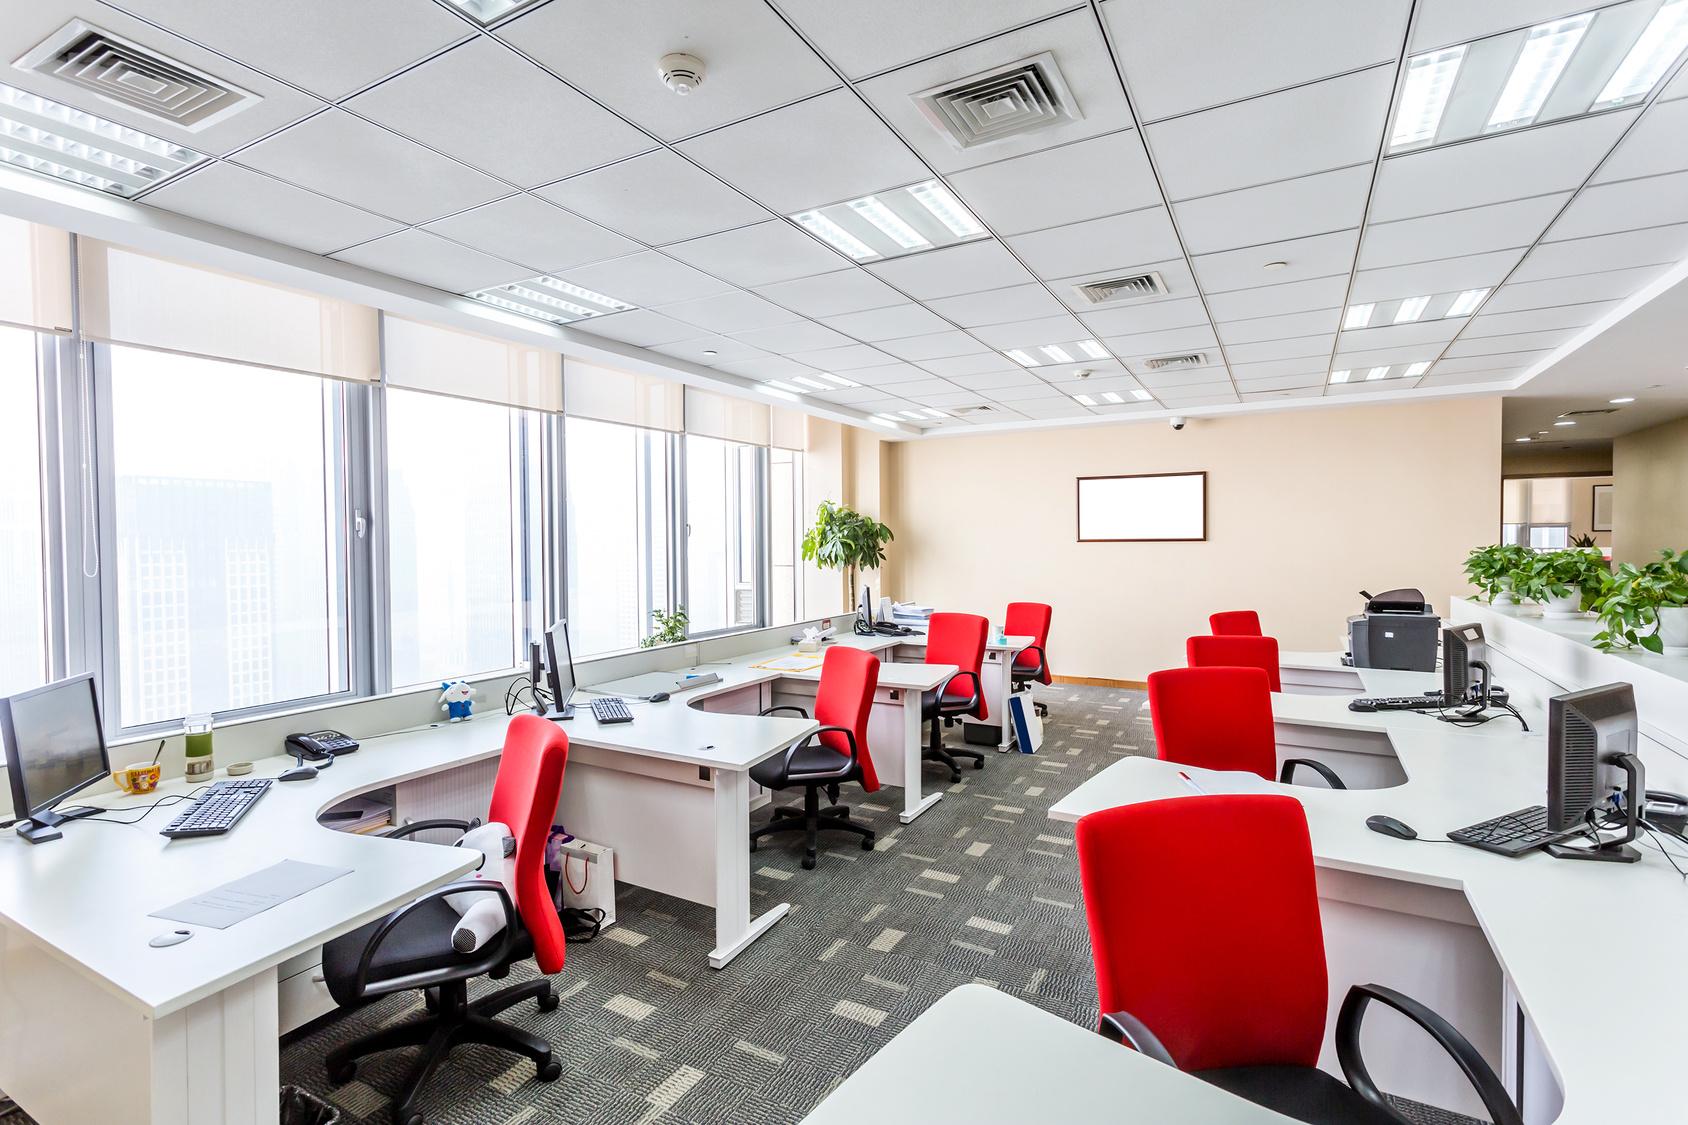 Rent Office Space In Karachi Rentable